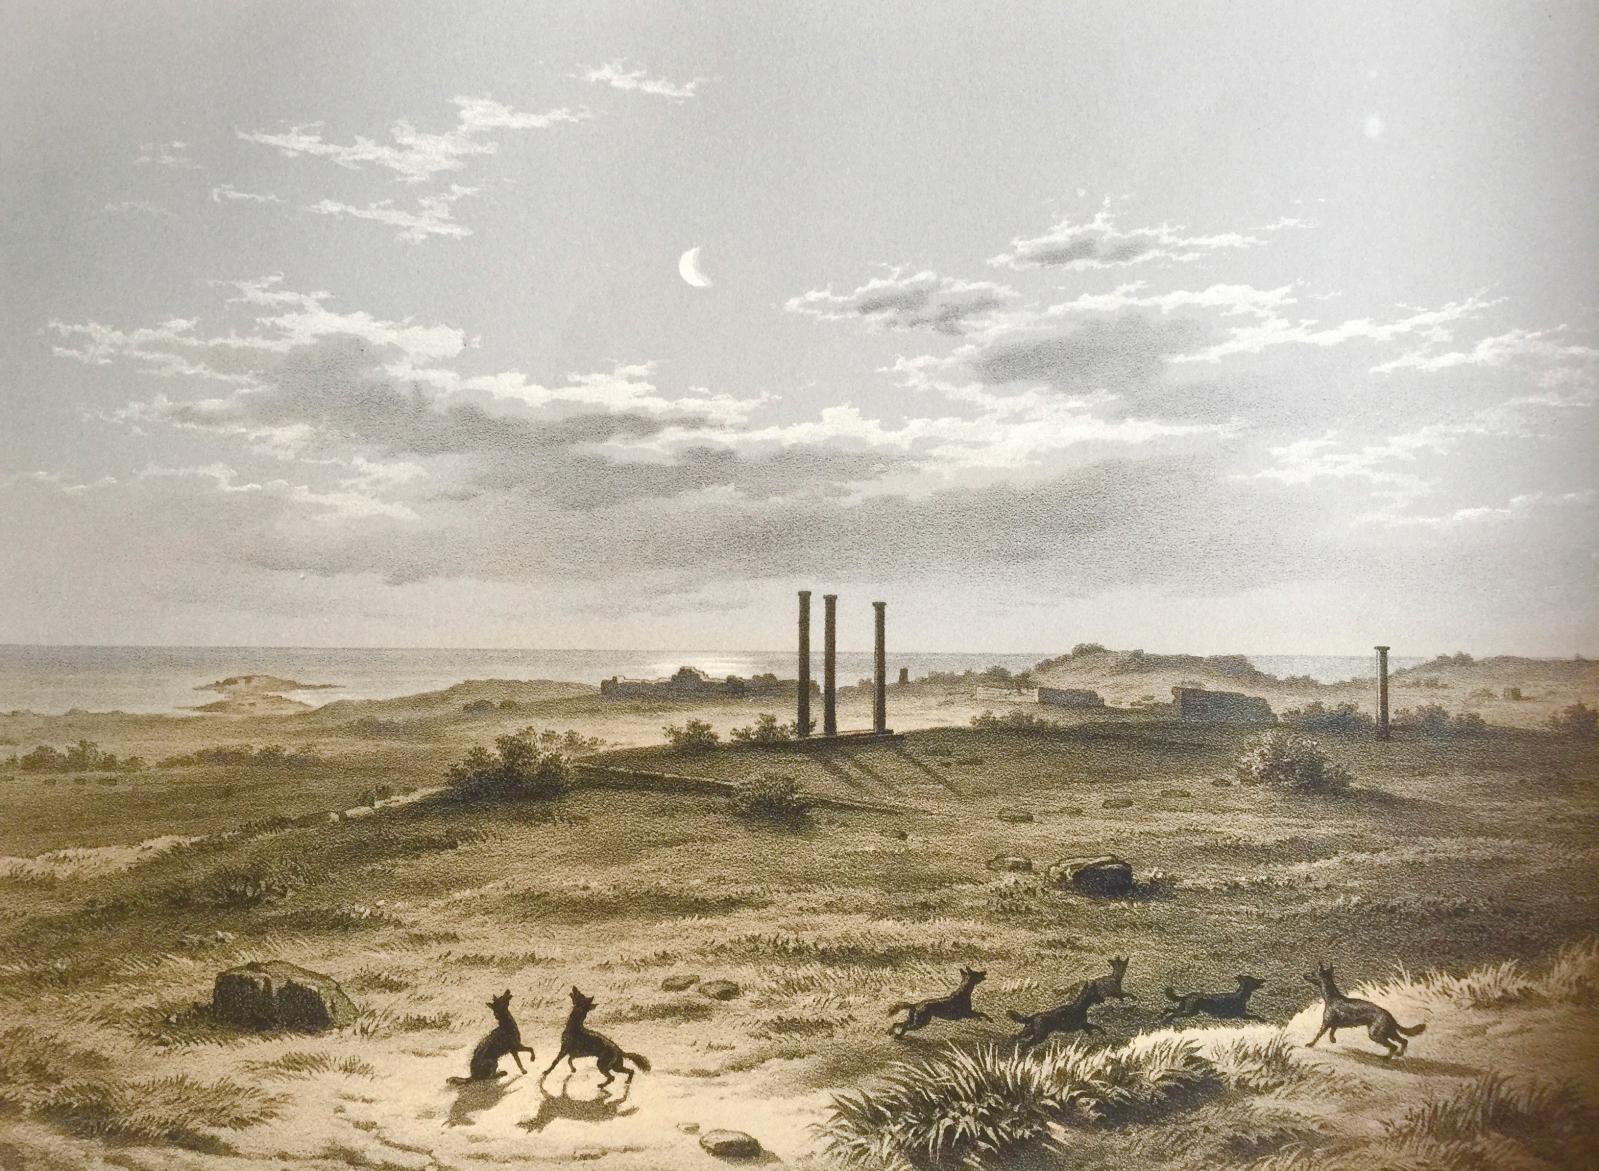 Vue générale de l'une des collines au nord de la nécropole de Cyrène.© Bibliothèque de l'INHA, collection Jacques Doucet